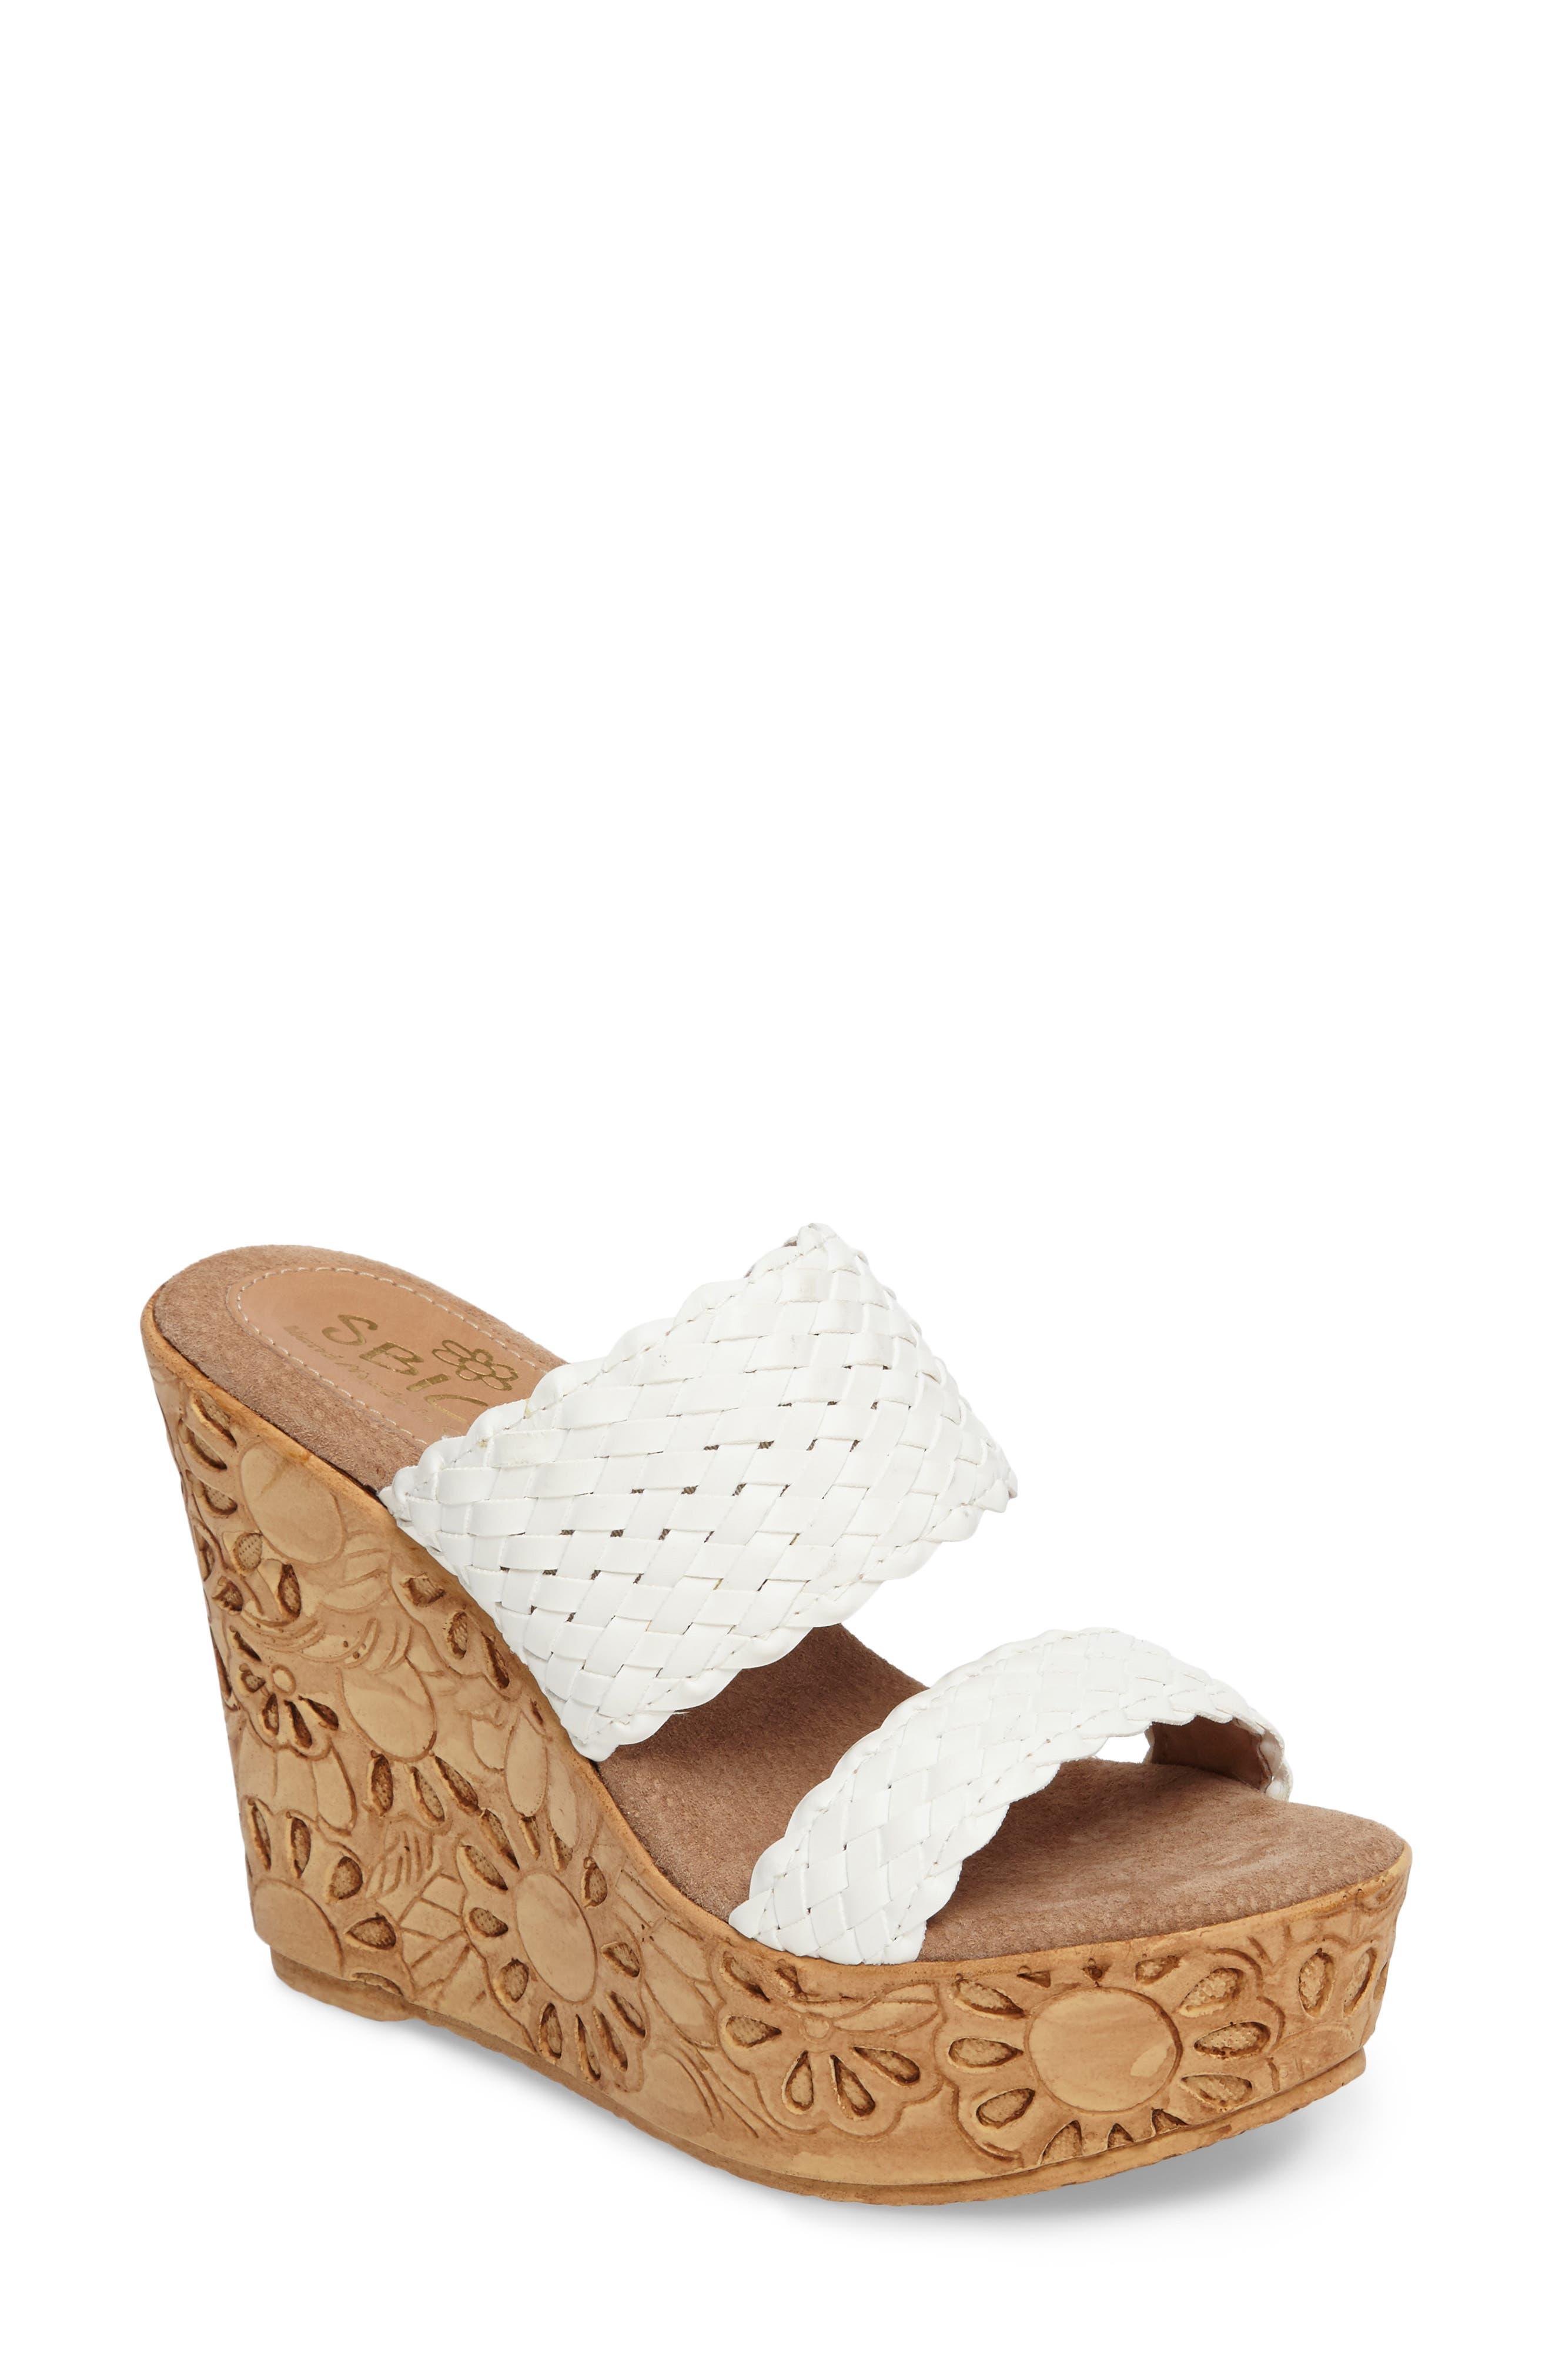 Halima Platform Wedge Sandal,                         Main,                         color, 100